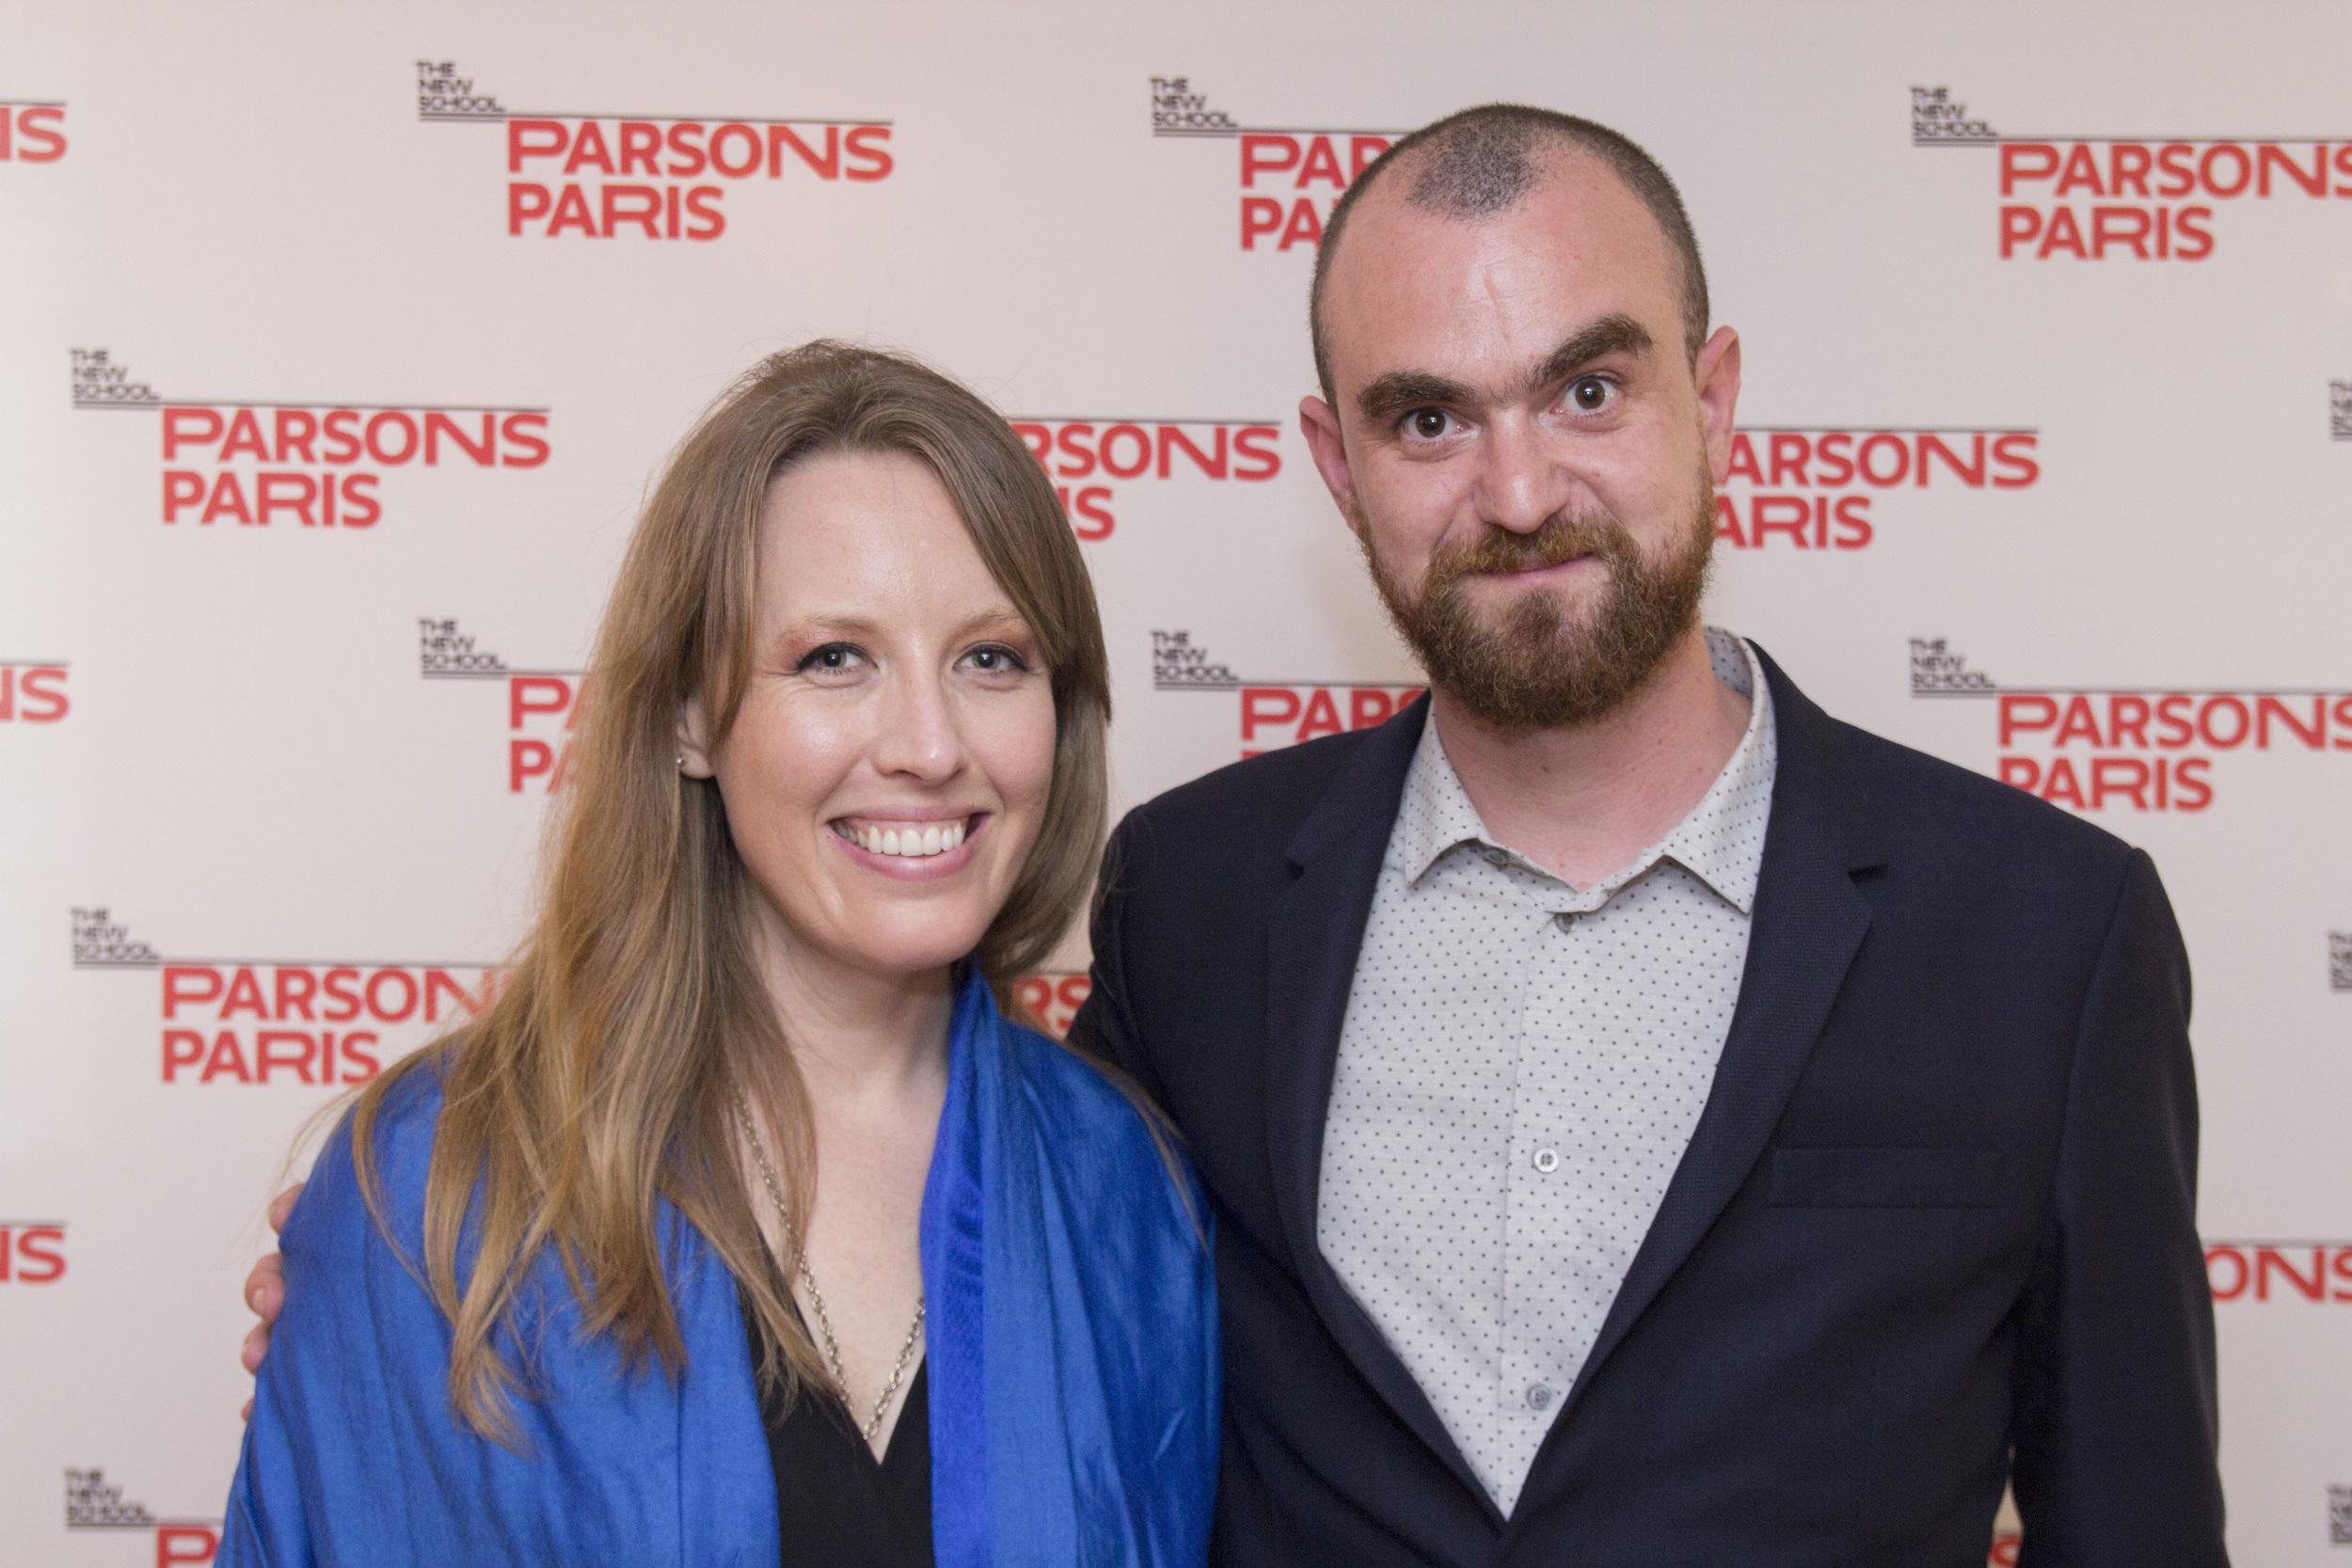 TNS_ParsonsParis_Graduation_139.jpg